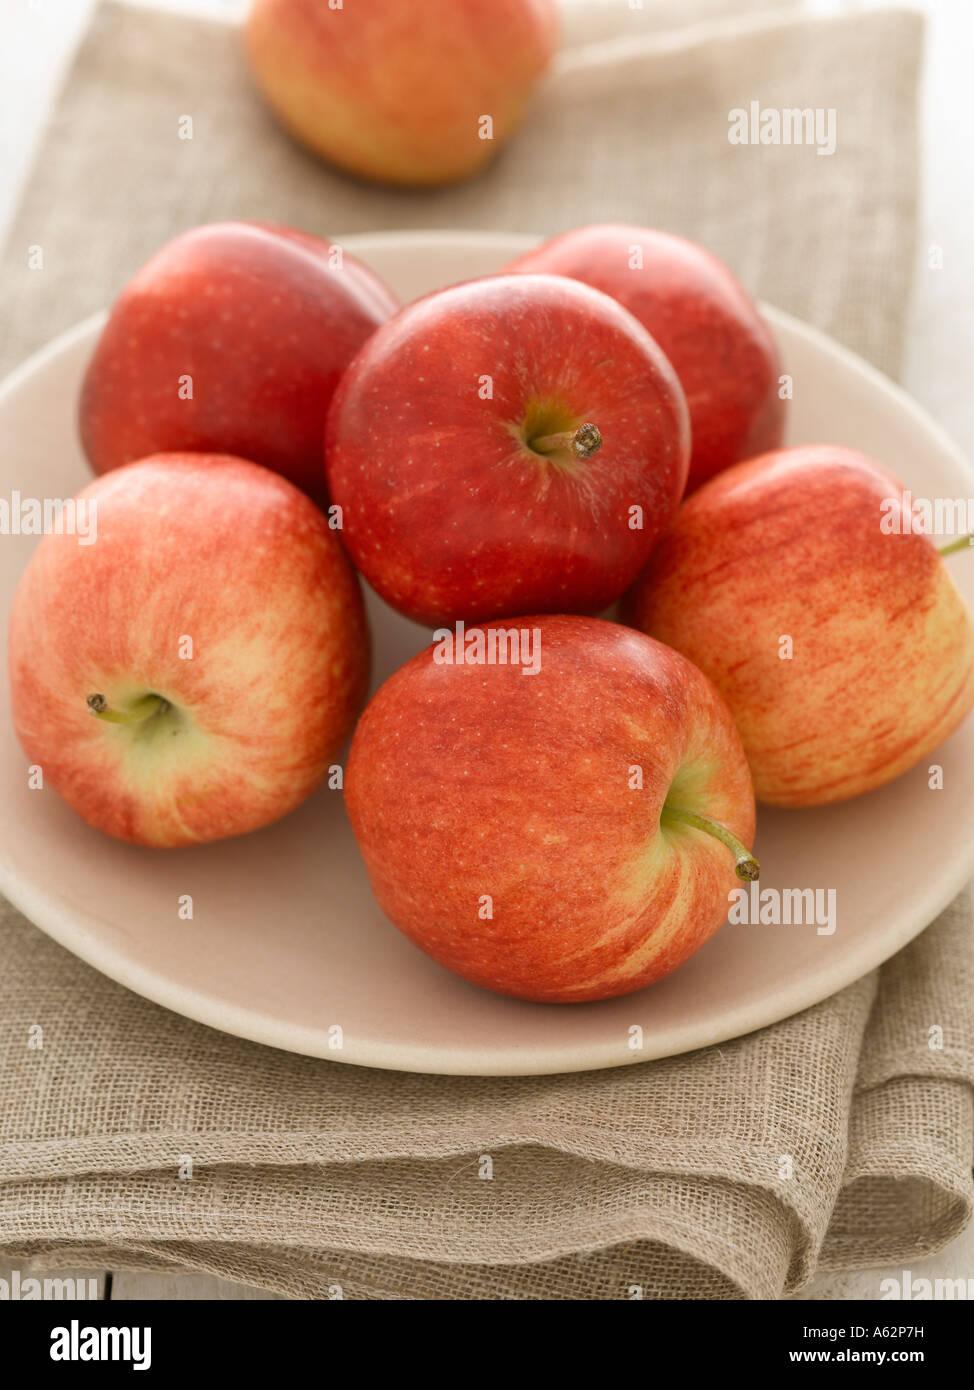 Still life plato de manzanas Imagen De Stock